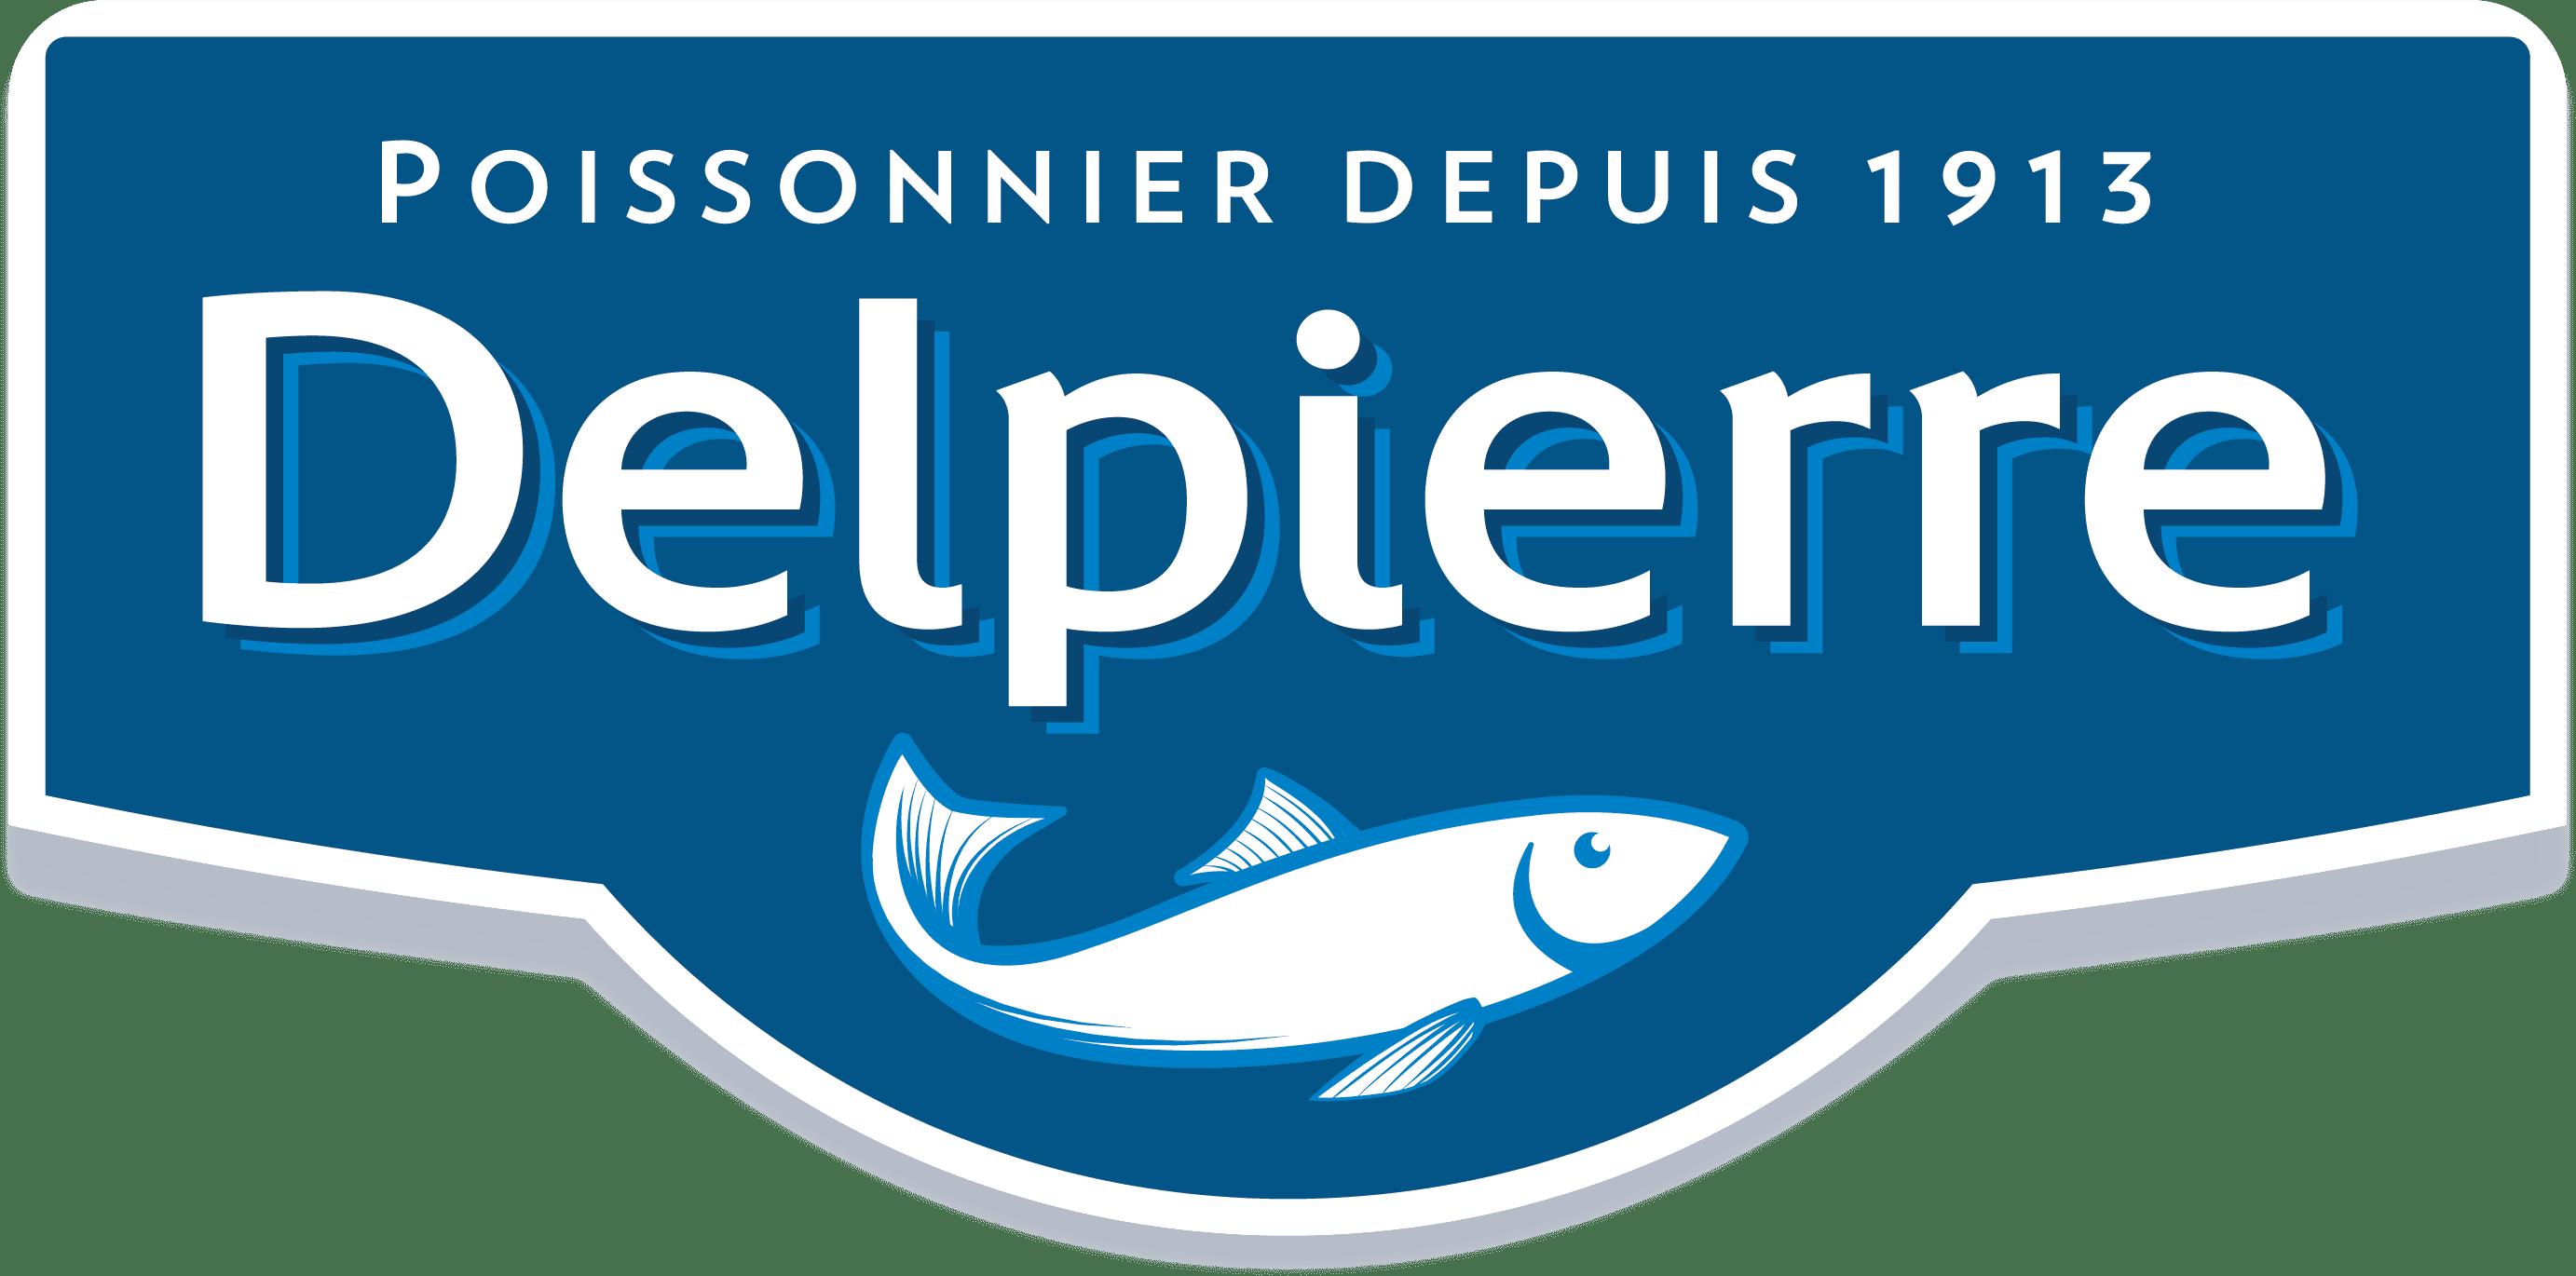 Delpierre